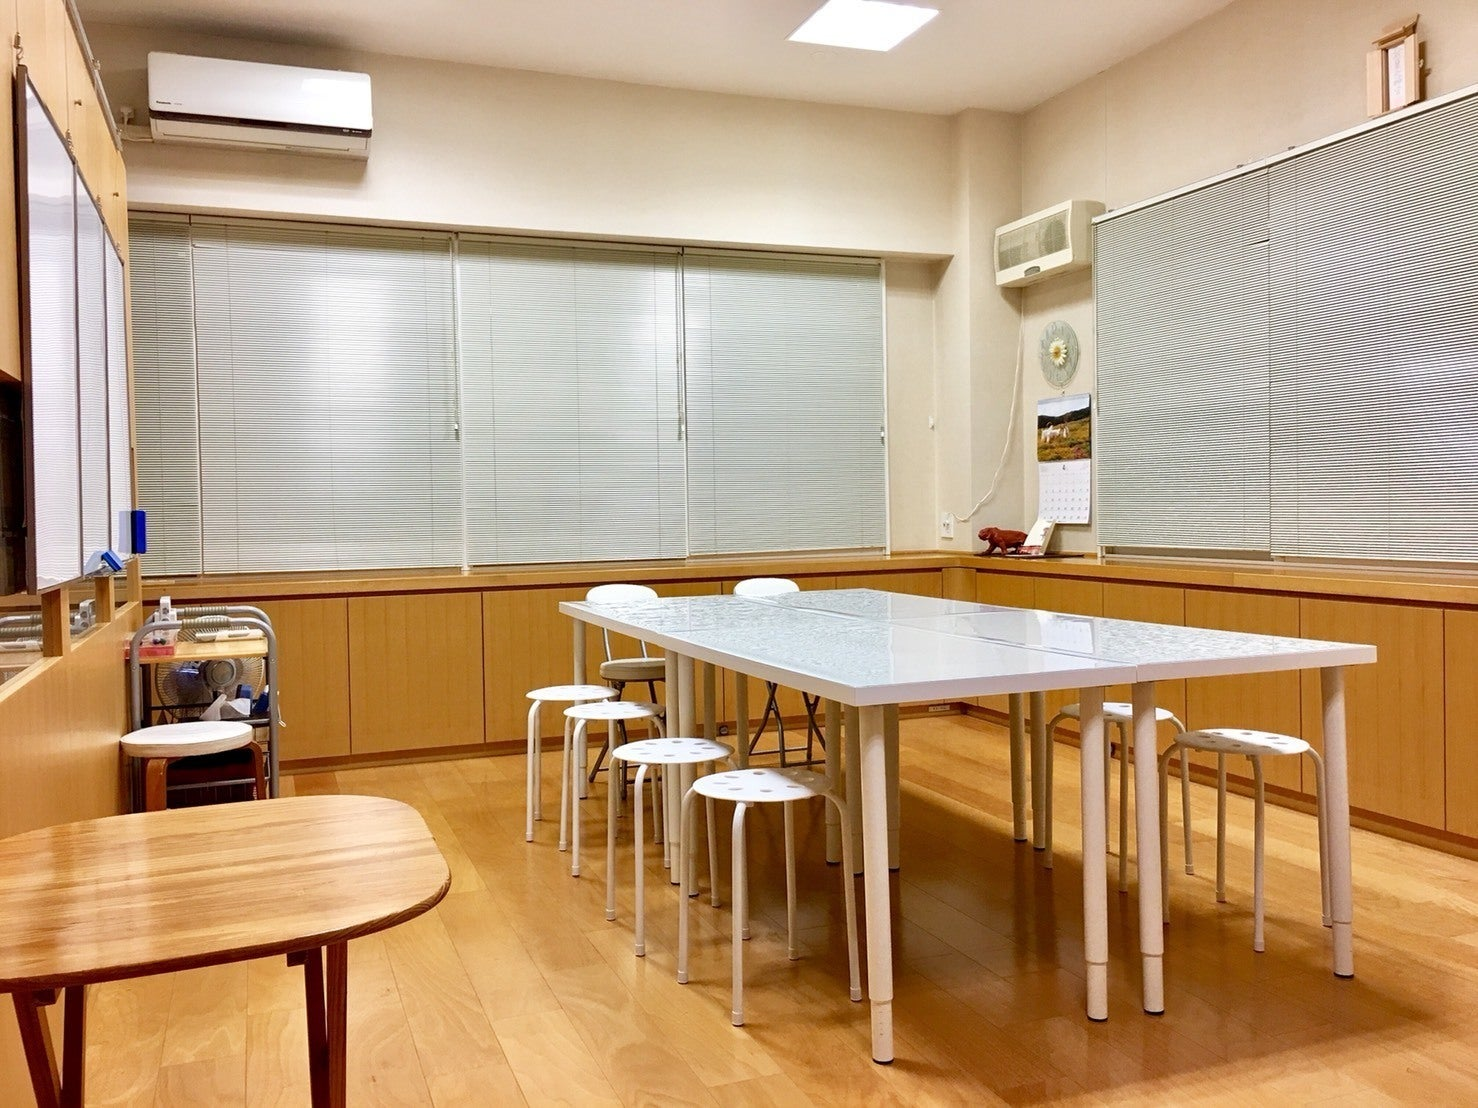 伝通院マンション【セミナー/会議 103】(ホワイトボード/プロジェクター/Wifi無料) の写真